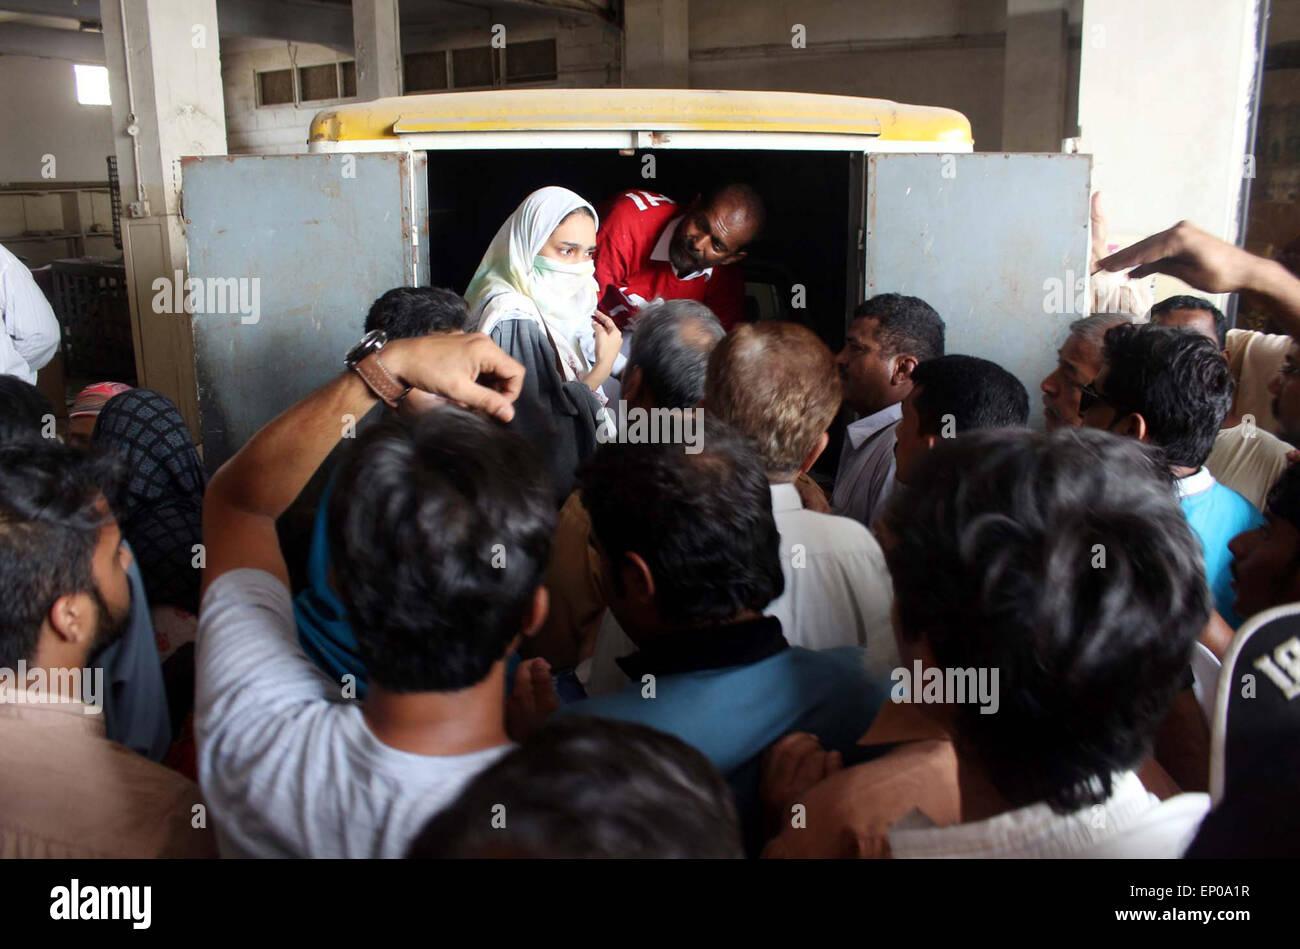 Funzionari di salvataggio di spostamento del corpo morto di ex Muttahida Qaumi Movement (MQM) Saulat attivista Mirza in una ambulanza per un Edhi la conservazione a freddo che è stato impiccato a Mach carcere martedì in tripla omicidio caso è stato dichiarato essere calmo e tranquillo al patibolo, presso l'aeroporto internazionale di Jinnah a Karachi il Martedì, 12 maggio 2015. Ex Muttahida Qaumi Movement (MQM) Saulat attivista Mirza fu eseguito oggi mattina alle 4:30 AM, per l'assassinio dell'ex KESC managing director Shahid Hamid, il suo autista e la guardia in 1997. Foto Stock